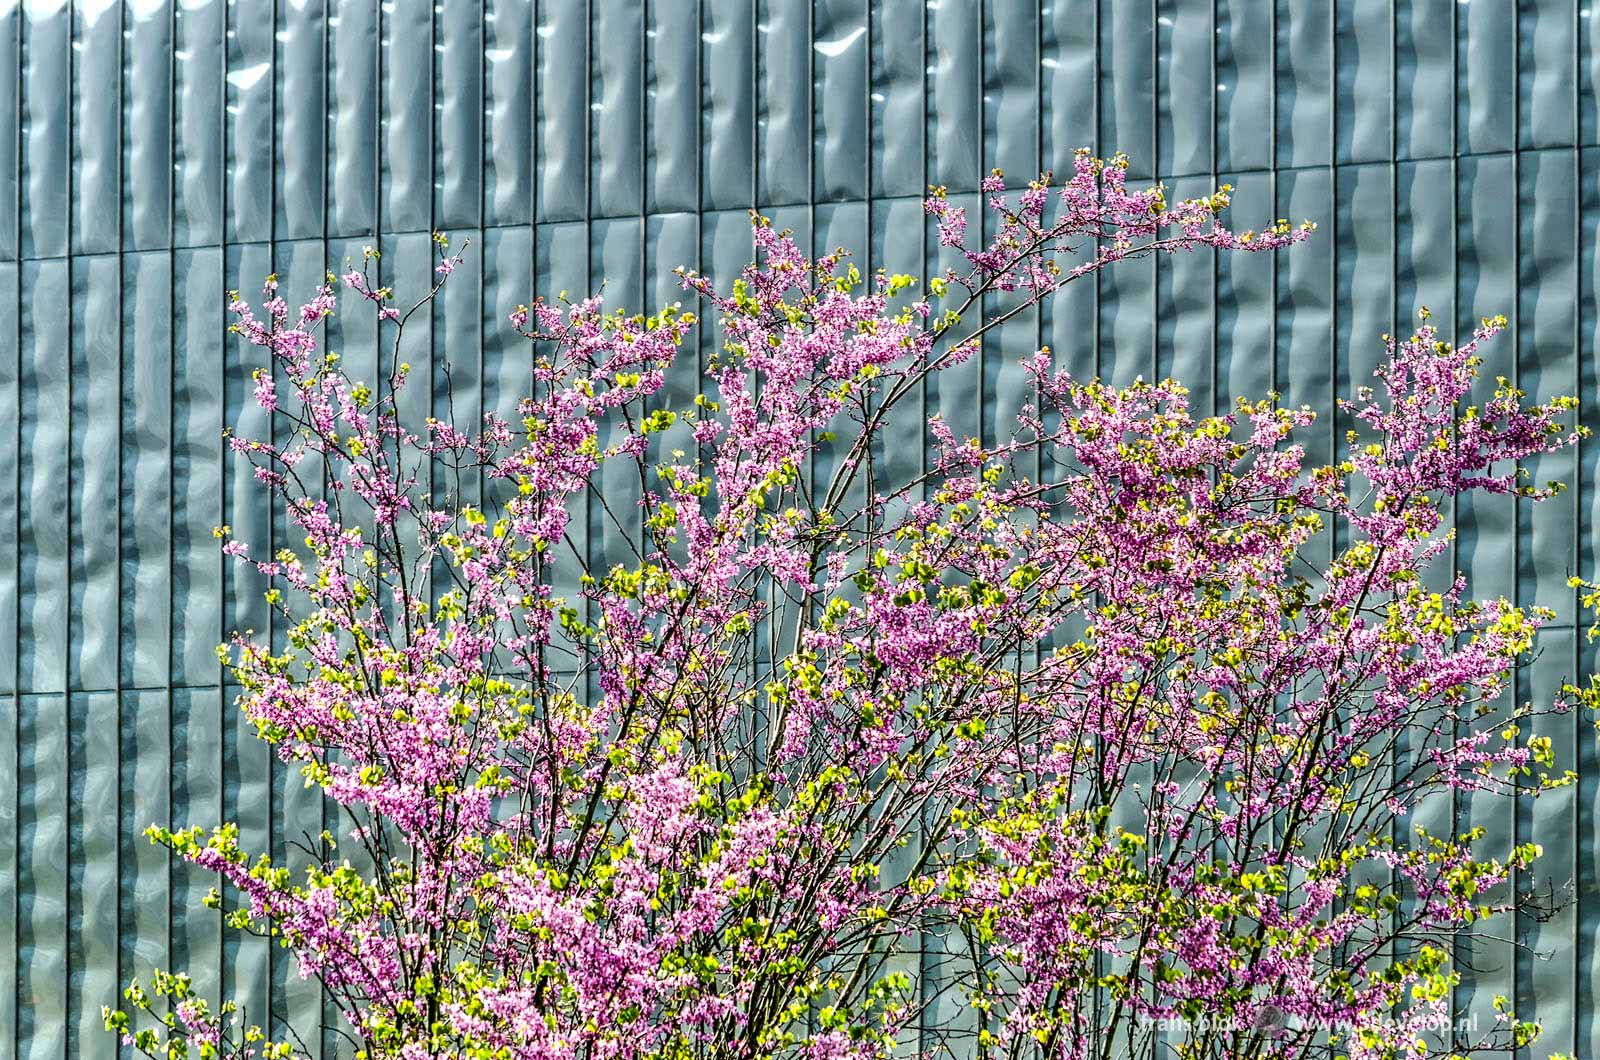 Judasbomen, of eigenlijk meer -struiken, in bloei in de lente met op de achtergrond de roestvrijstalen gevel van het Centraal Station in Rotterdam